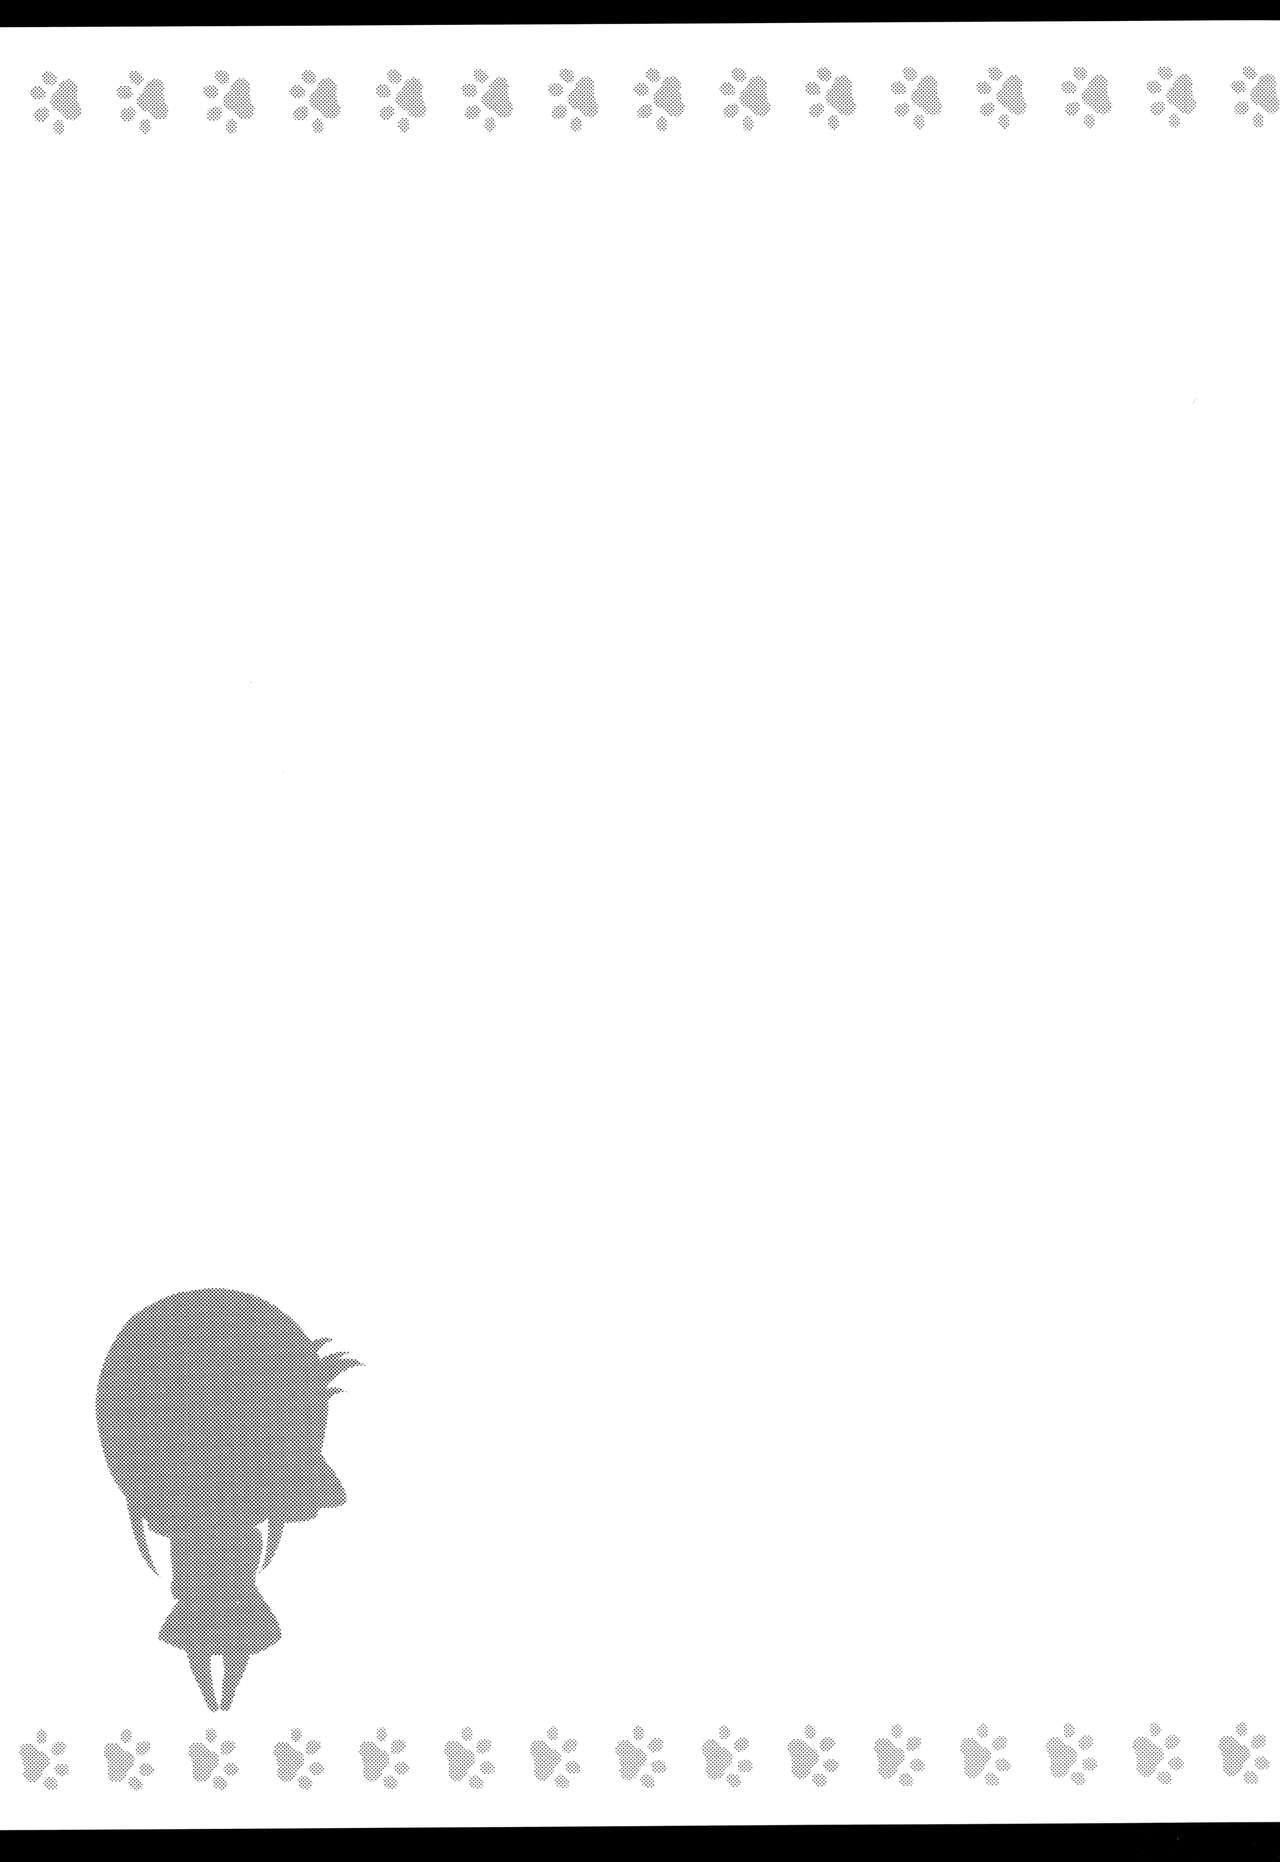 [Neko wa Manma ga Utsukushii (Hisasi)] Kaguya-sama no Enmusubi   Kaguya-sama's Matchmaking Charm (Kaguya-sama wa Kokurasetai) [English] [Zaibatsu] 25